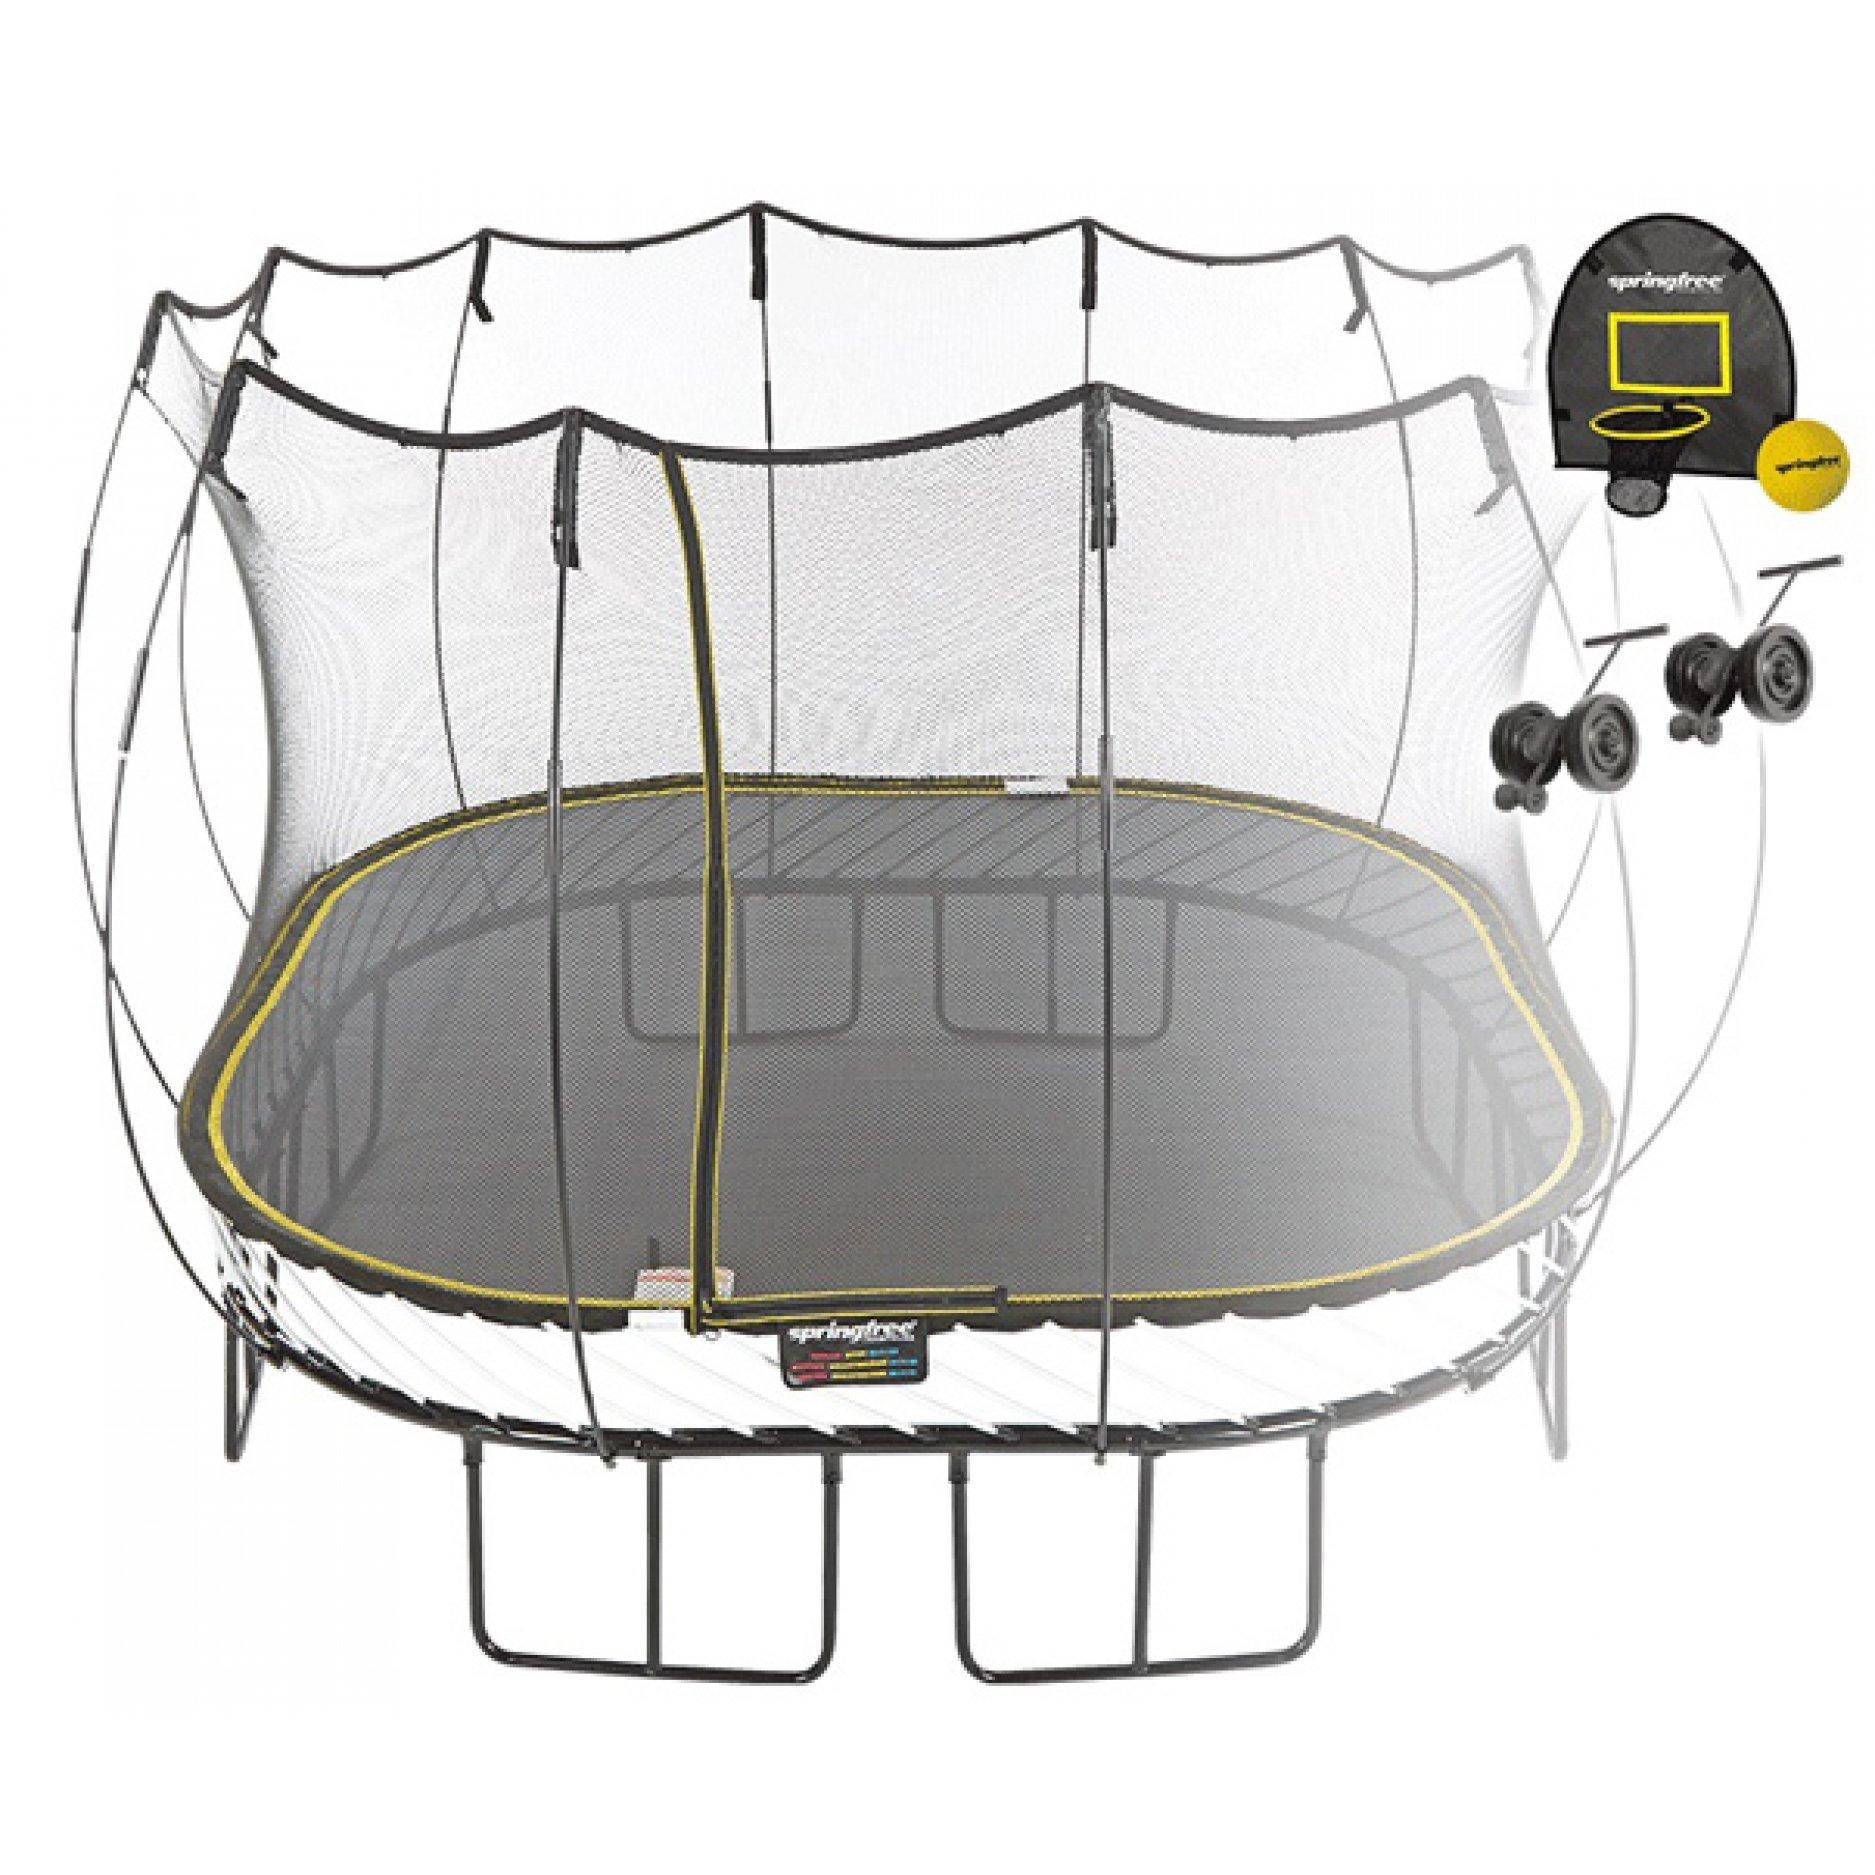 Батут квадратный Springfree S113 HW с корзиной для мяча и колесиками